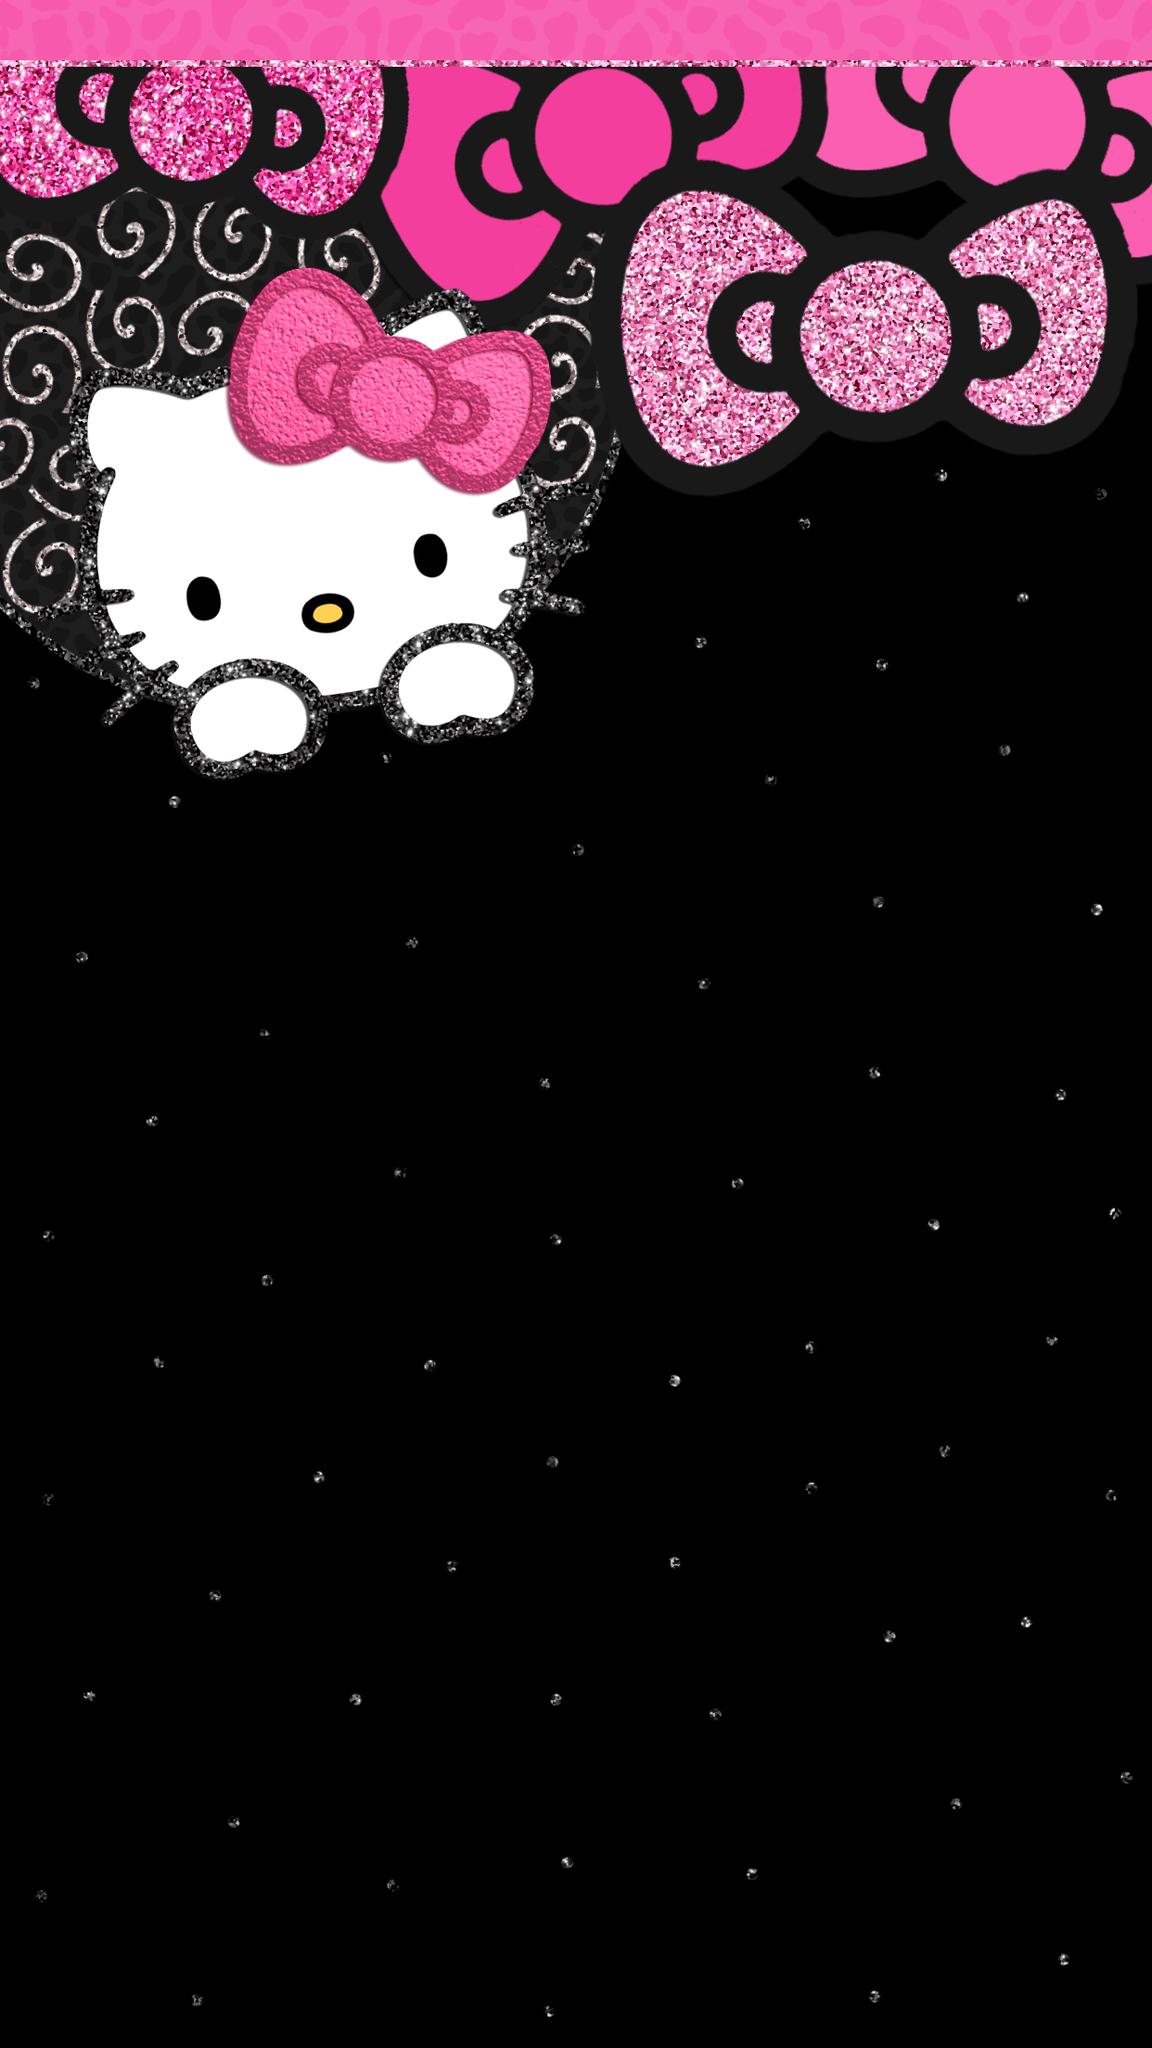 Dropbox Sossy Kitty Hello kitty iphone wallpaper